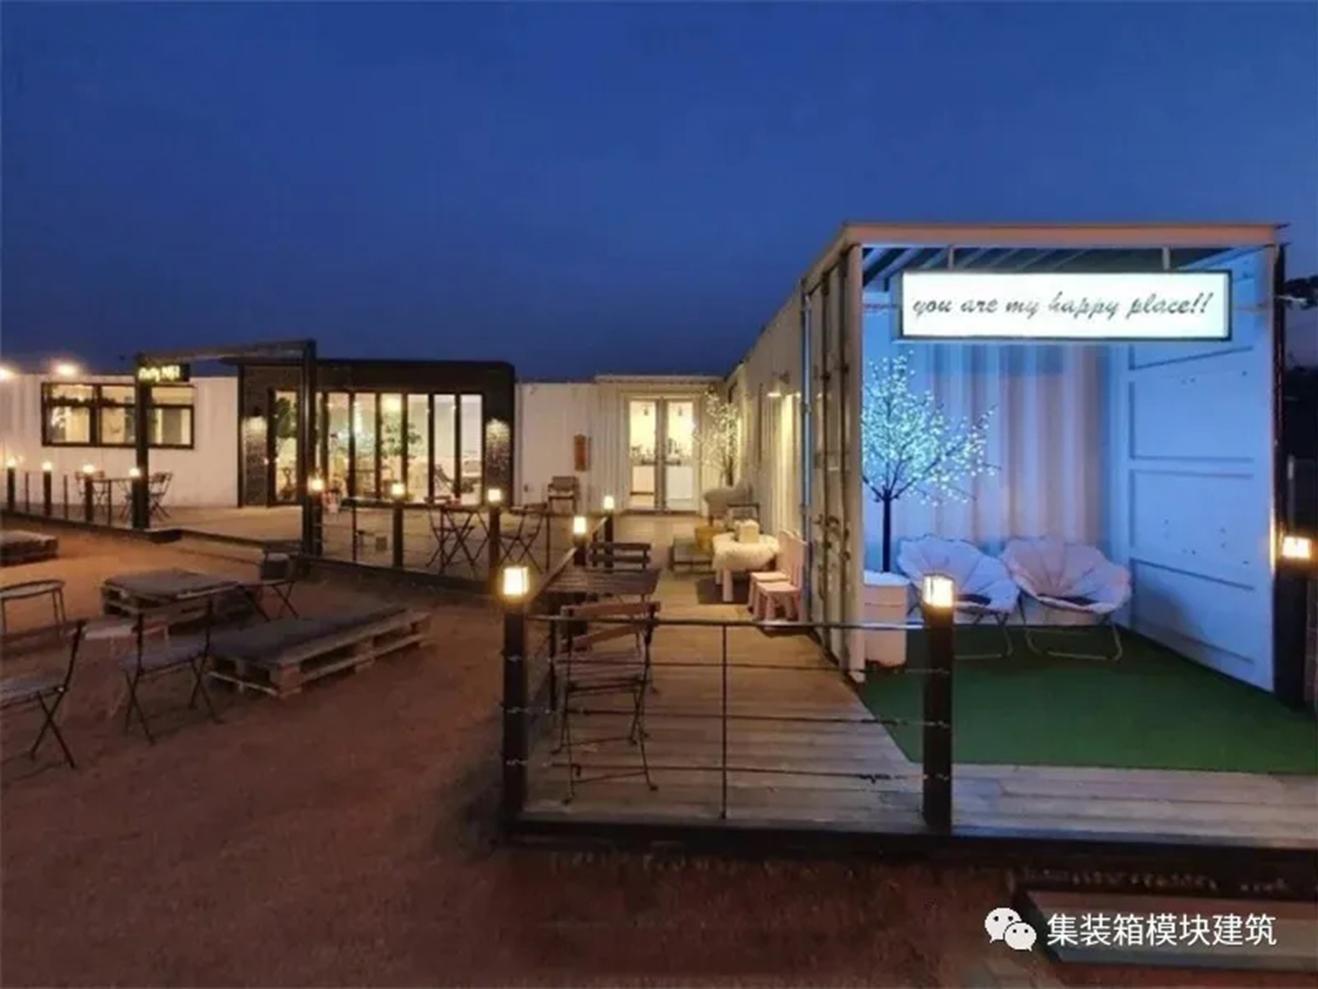 这间【集装箱咖啡馆】是拥有标志性大草坪的宠物乐园!